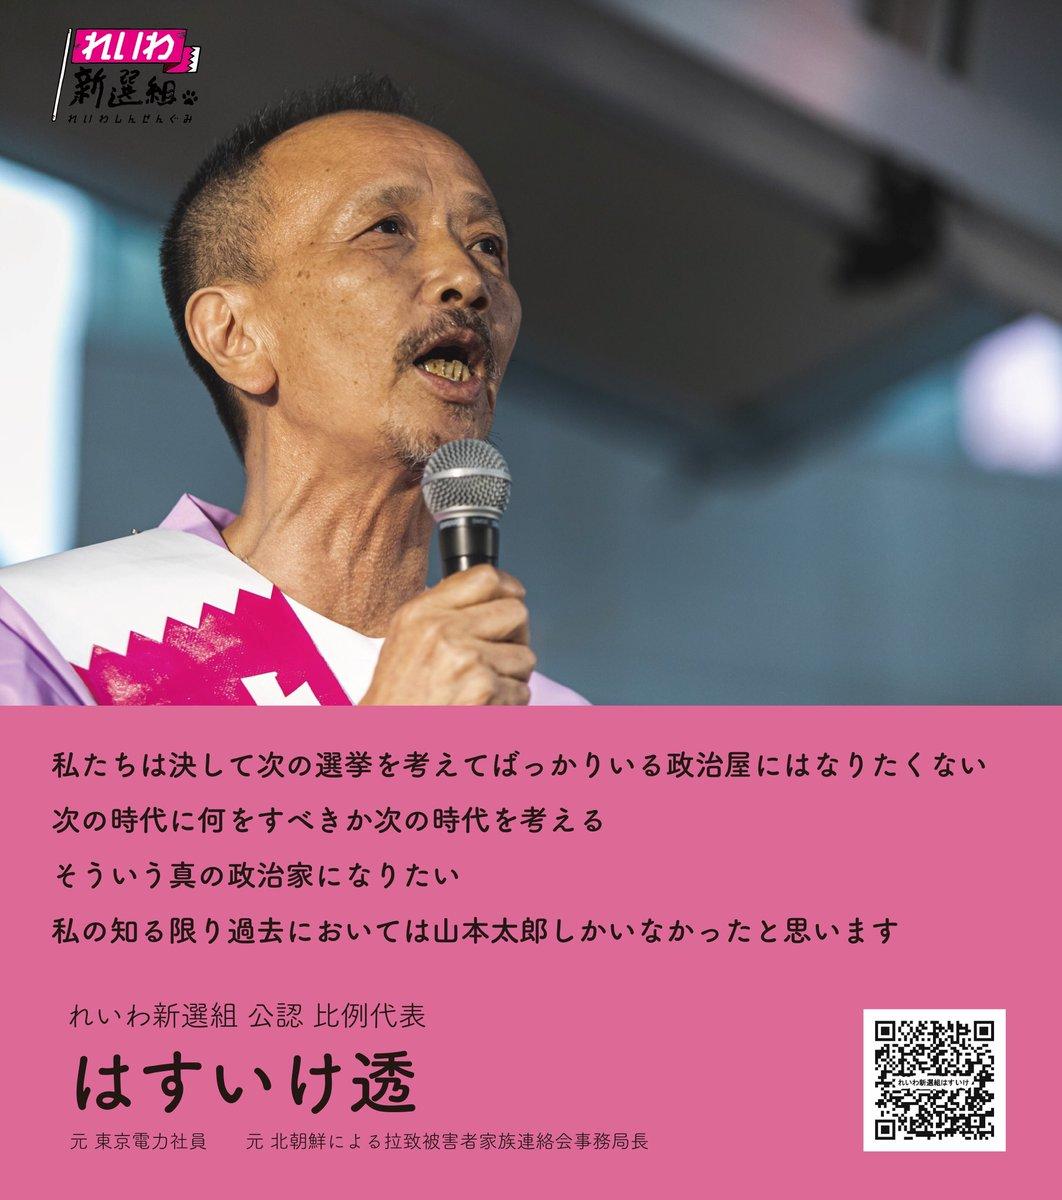 蓮池透 - 元 東京電力社員 元家族事務局長